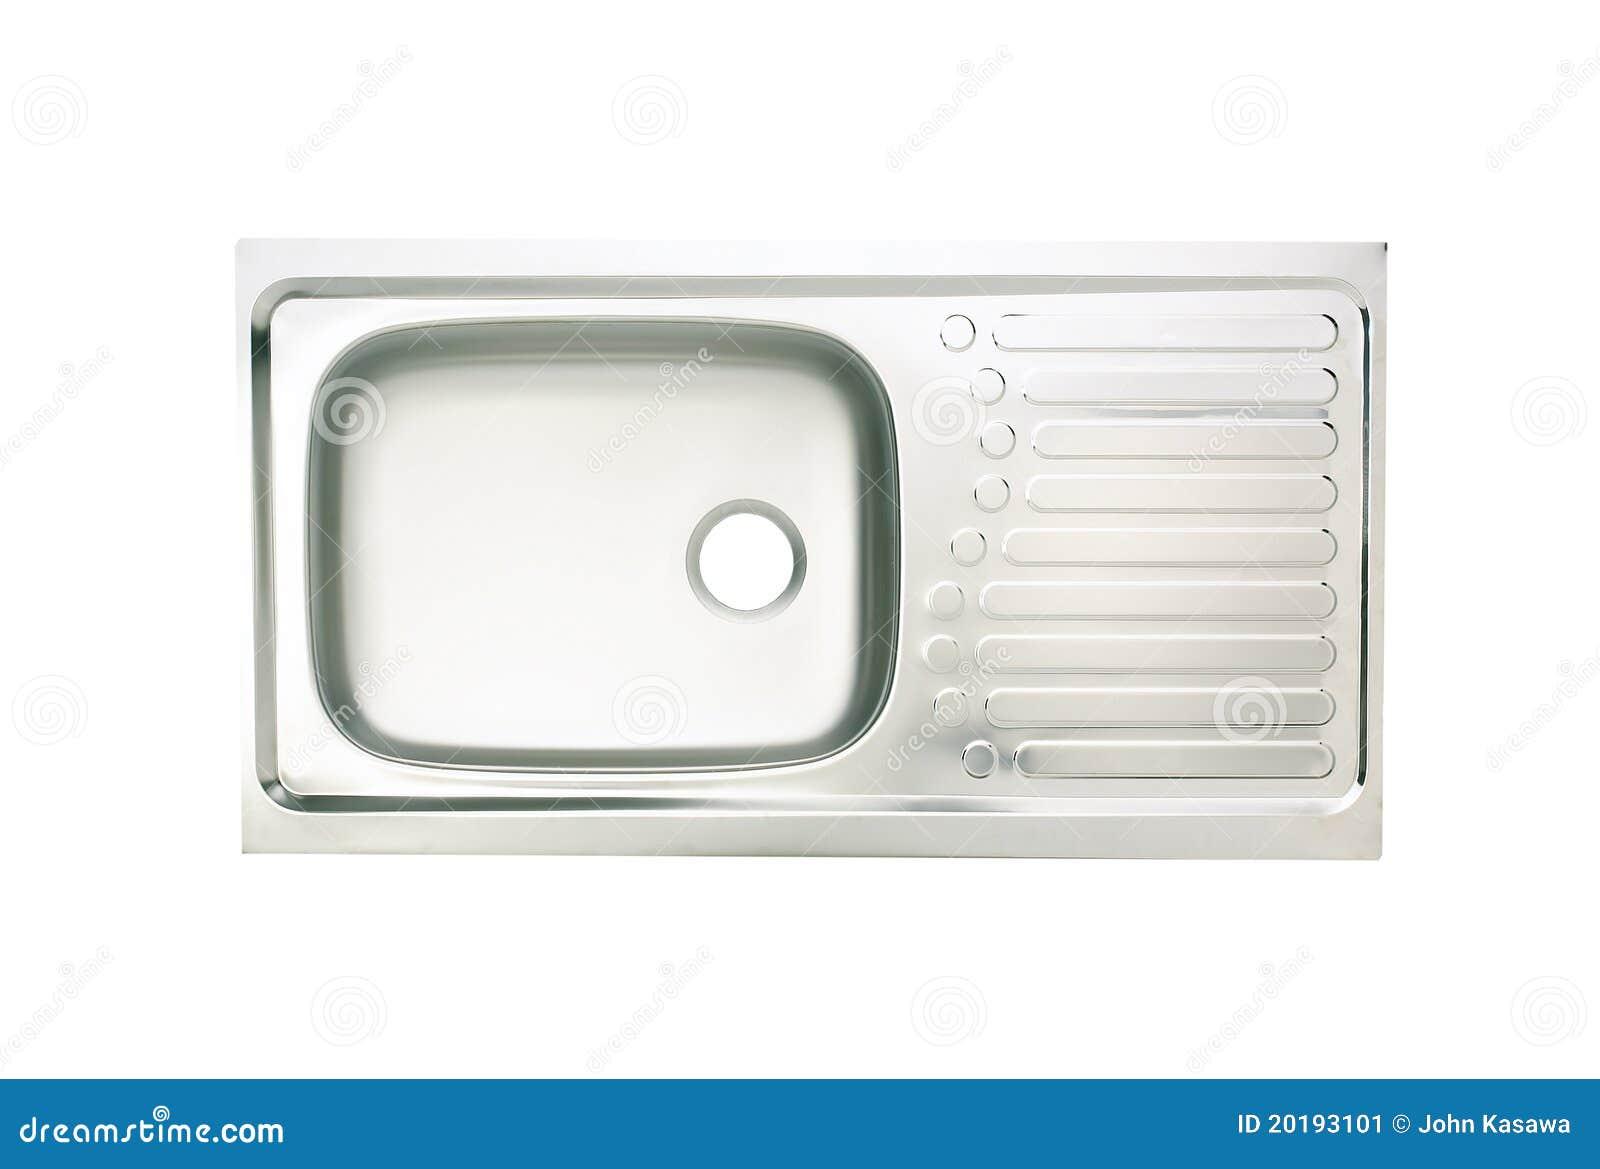 Lavabo del fregadero de cocina imagen de archivo imagen for Fregaderos de aluminio